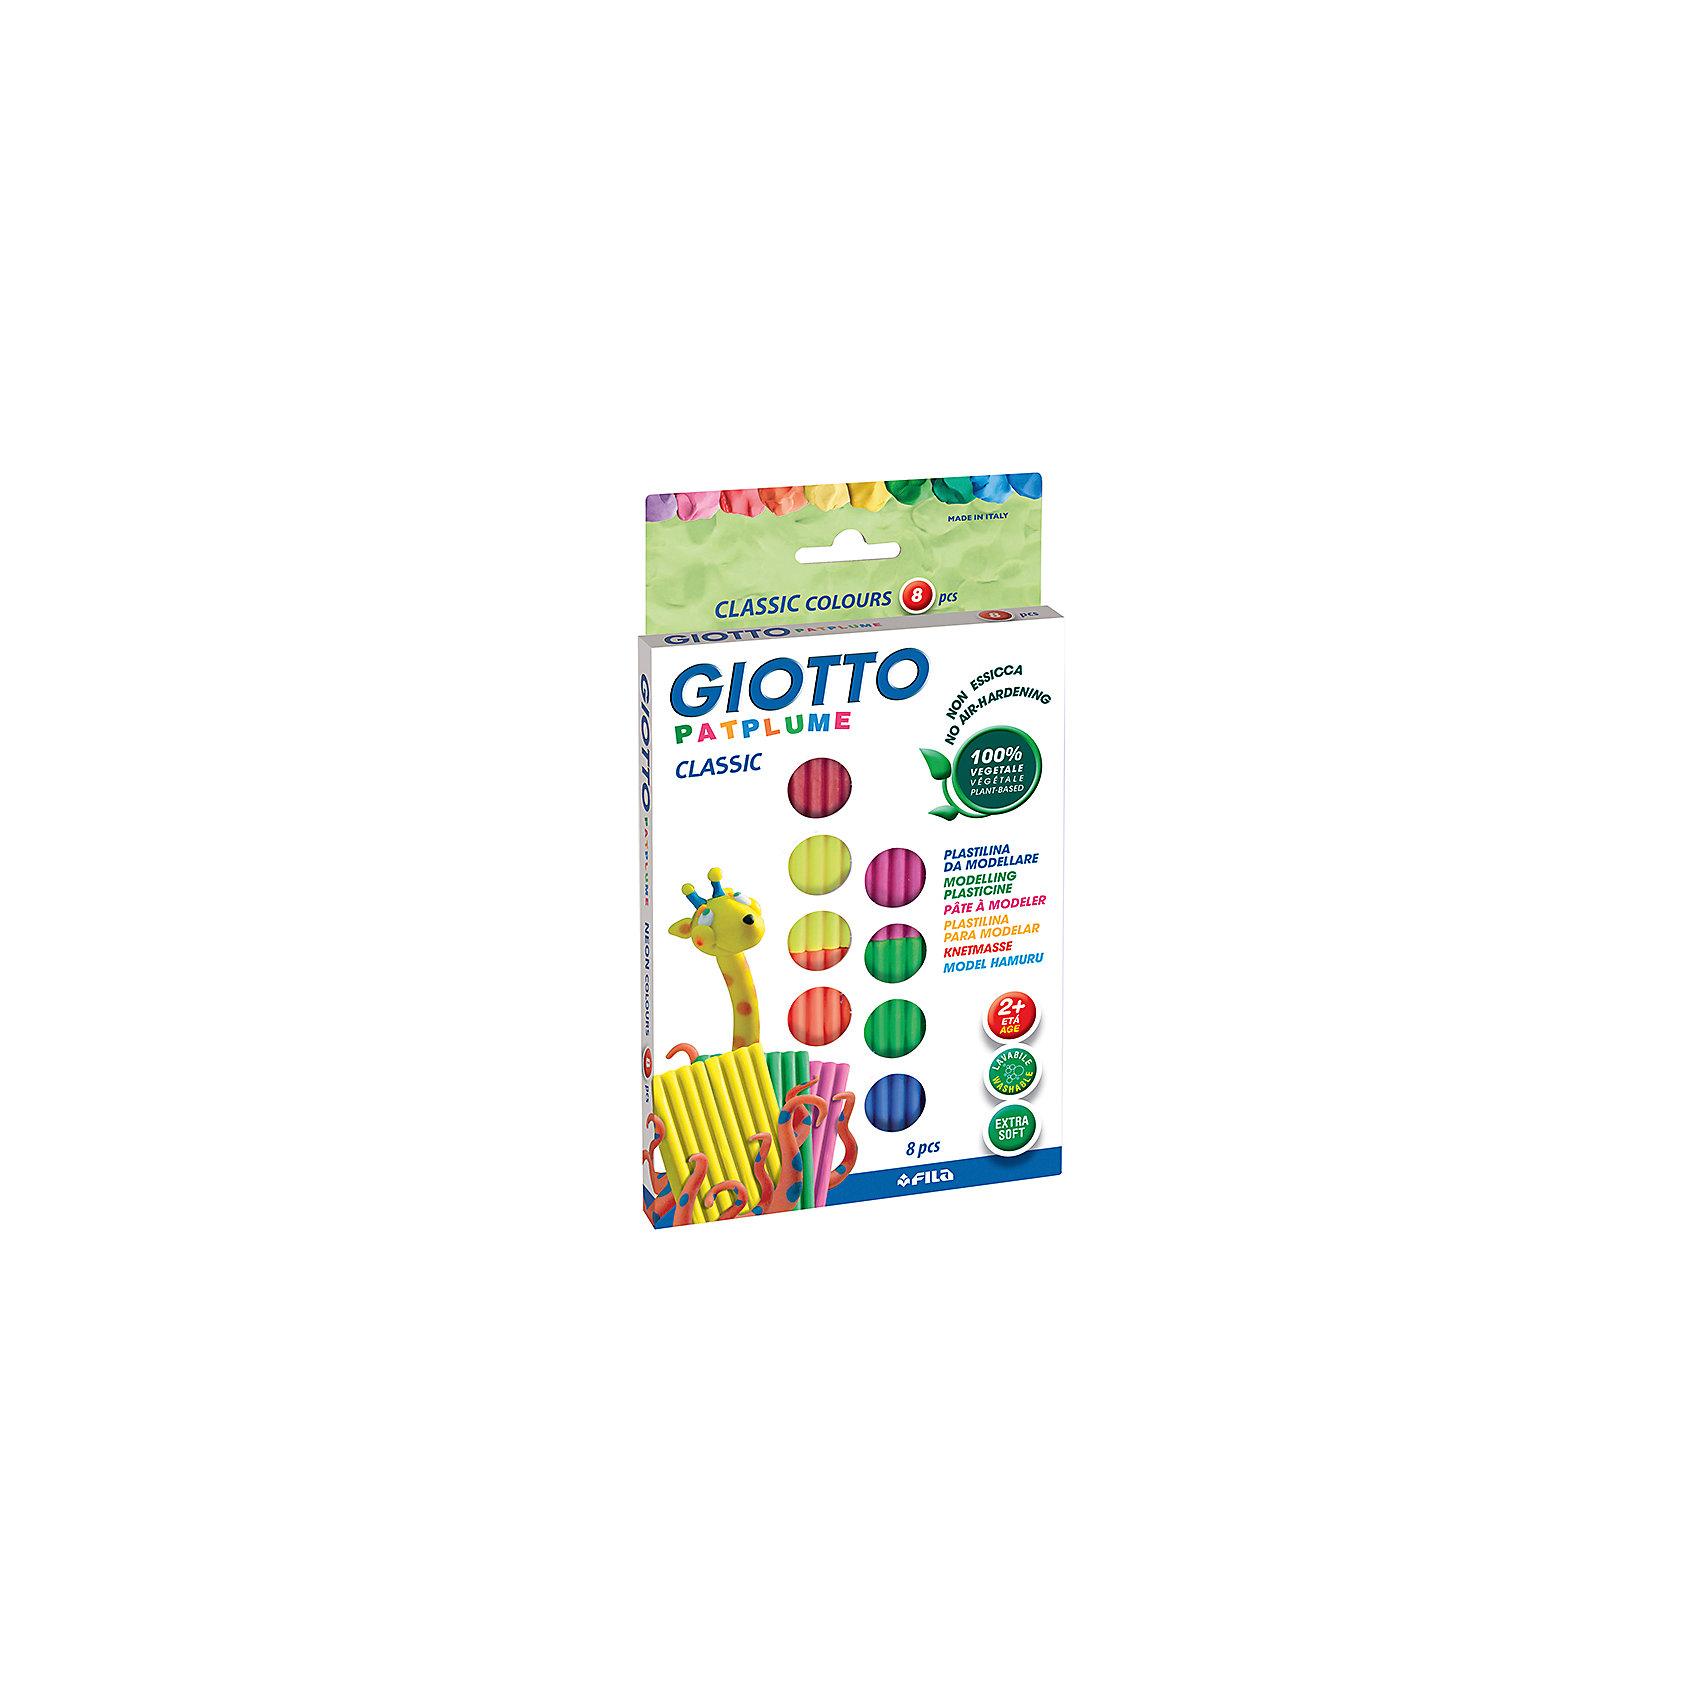 Экстра-мягкий пластилин 8 цв х 33 г, пастельные цвета.Рисование и лепка<br>Характеристики товара:<br><br>• в комплекте: пластилин 8 цветов;<br>• вес одного брусочка: 33 грамма;<br>• возраст: от 2 лет.<br><br>Набор Giotto PATPLUME содержит пластилин, выполненный в восьми пастельных цветах. Пластилин изготовлен на растительной основе с добавлением пищевых красителей, поэтому он полностью безопасен для маленьких детей. Даже при проглатывании пластилин не нанесет вреда малышу.<br><br>Пластилин Giotto PATPLUME хорошо размягчается, не прилипает к рукам, а также легко смывается с любых поверхностей. Яркие цвета подходят для занятий лепкой и изготовления поделок.<br><br>Giotto (Джотто) PATPLUME пластилин. 8 цв х 33 гр пастельные цвета можно купить в нашем интернет-магазине.<br><br>Ширина мм: 15<br>Глубина мм: 227<br>Высота мм: 127<br>Вес г: 264<br>Возраст от месяцев: 72<br>Возраст до месяцев: 120<br>Пол: Унисекс<br>Возраст: Детский<br>SKU: 5107842